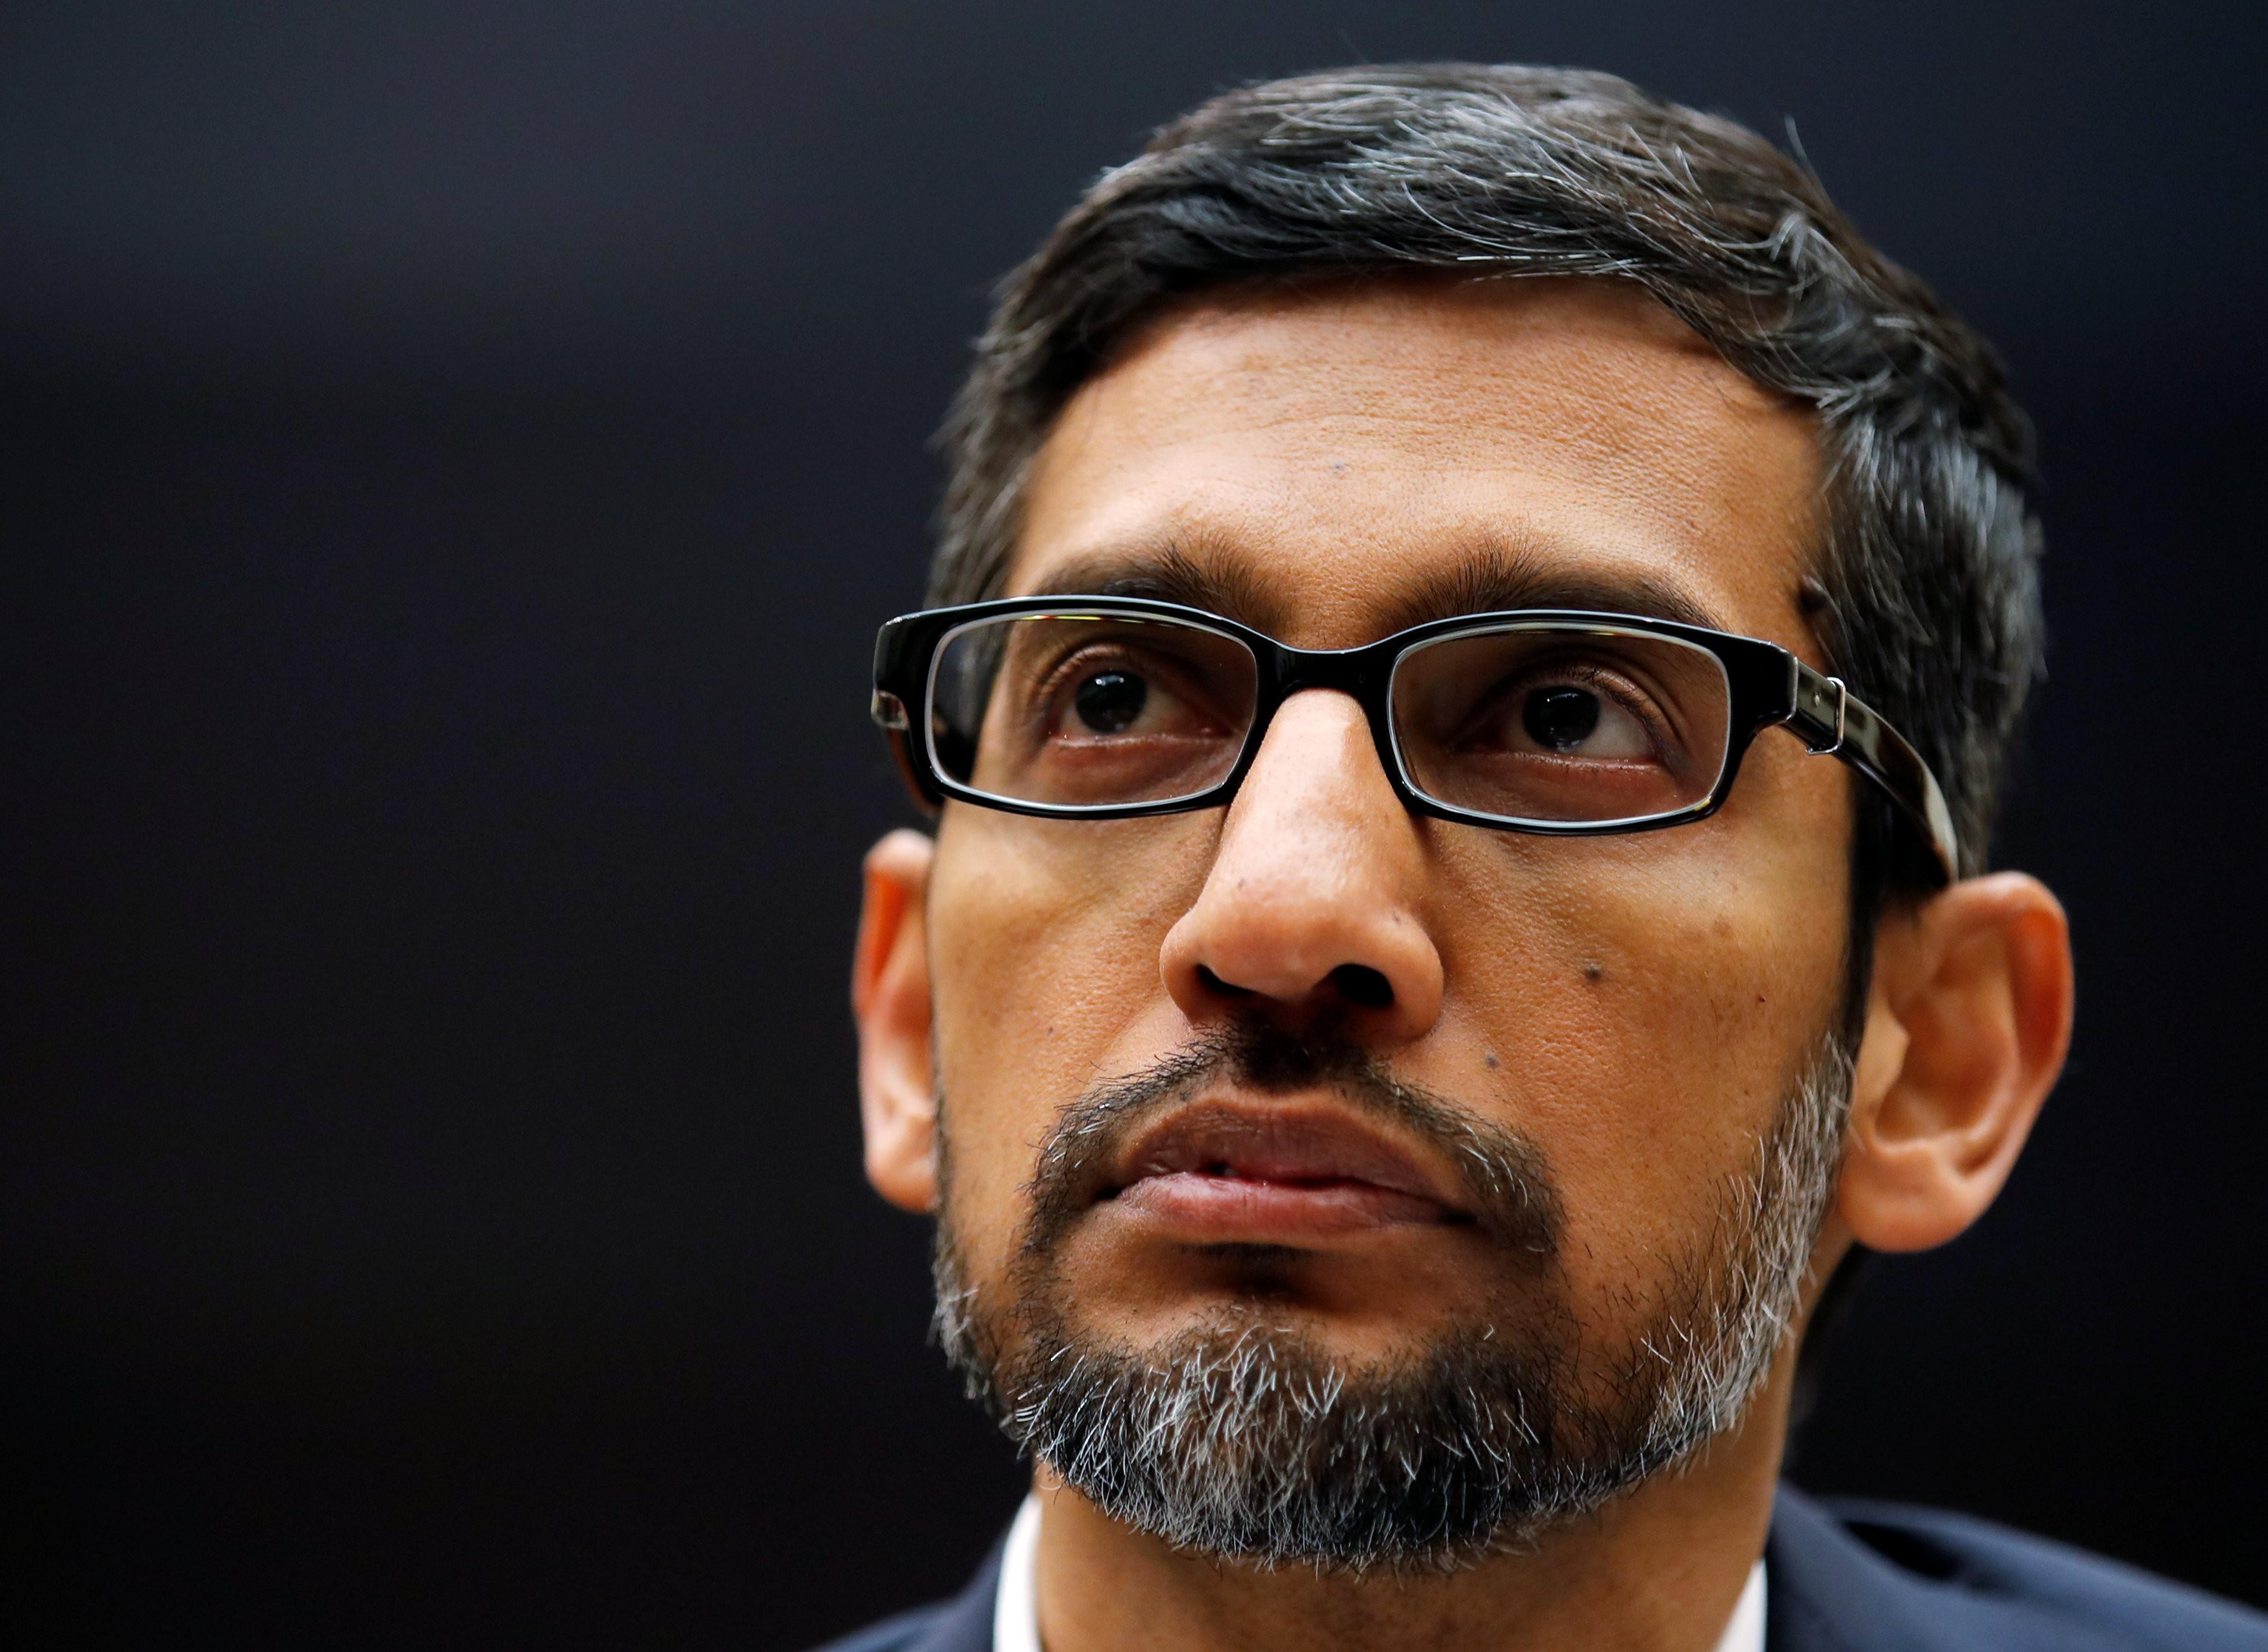 Google 'não tem planos' de lançar ferramenta de busca na China, diz presidente - Noticias